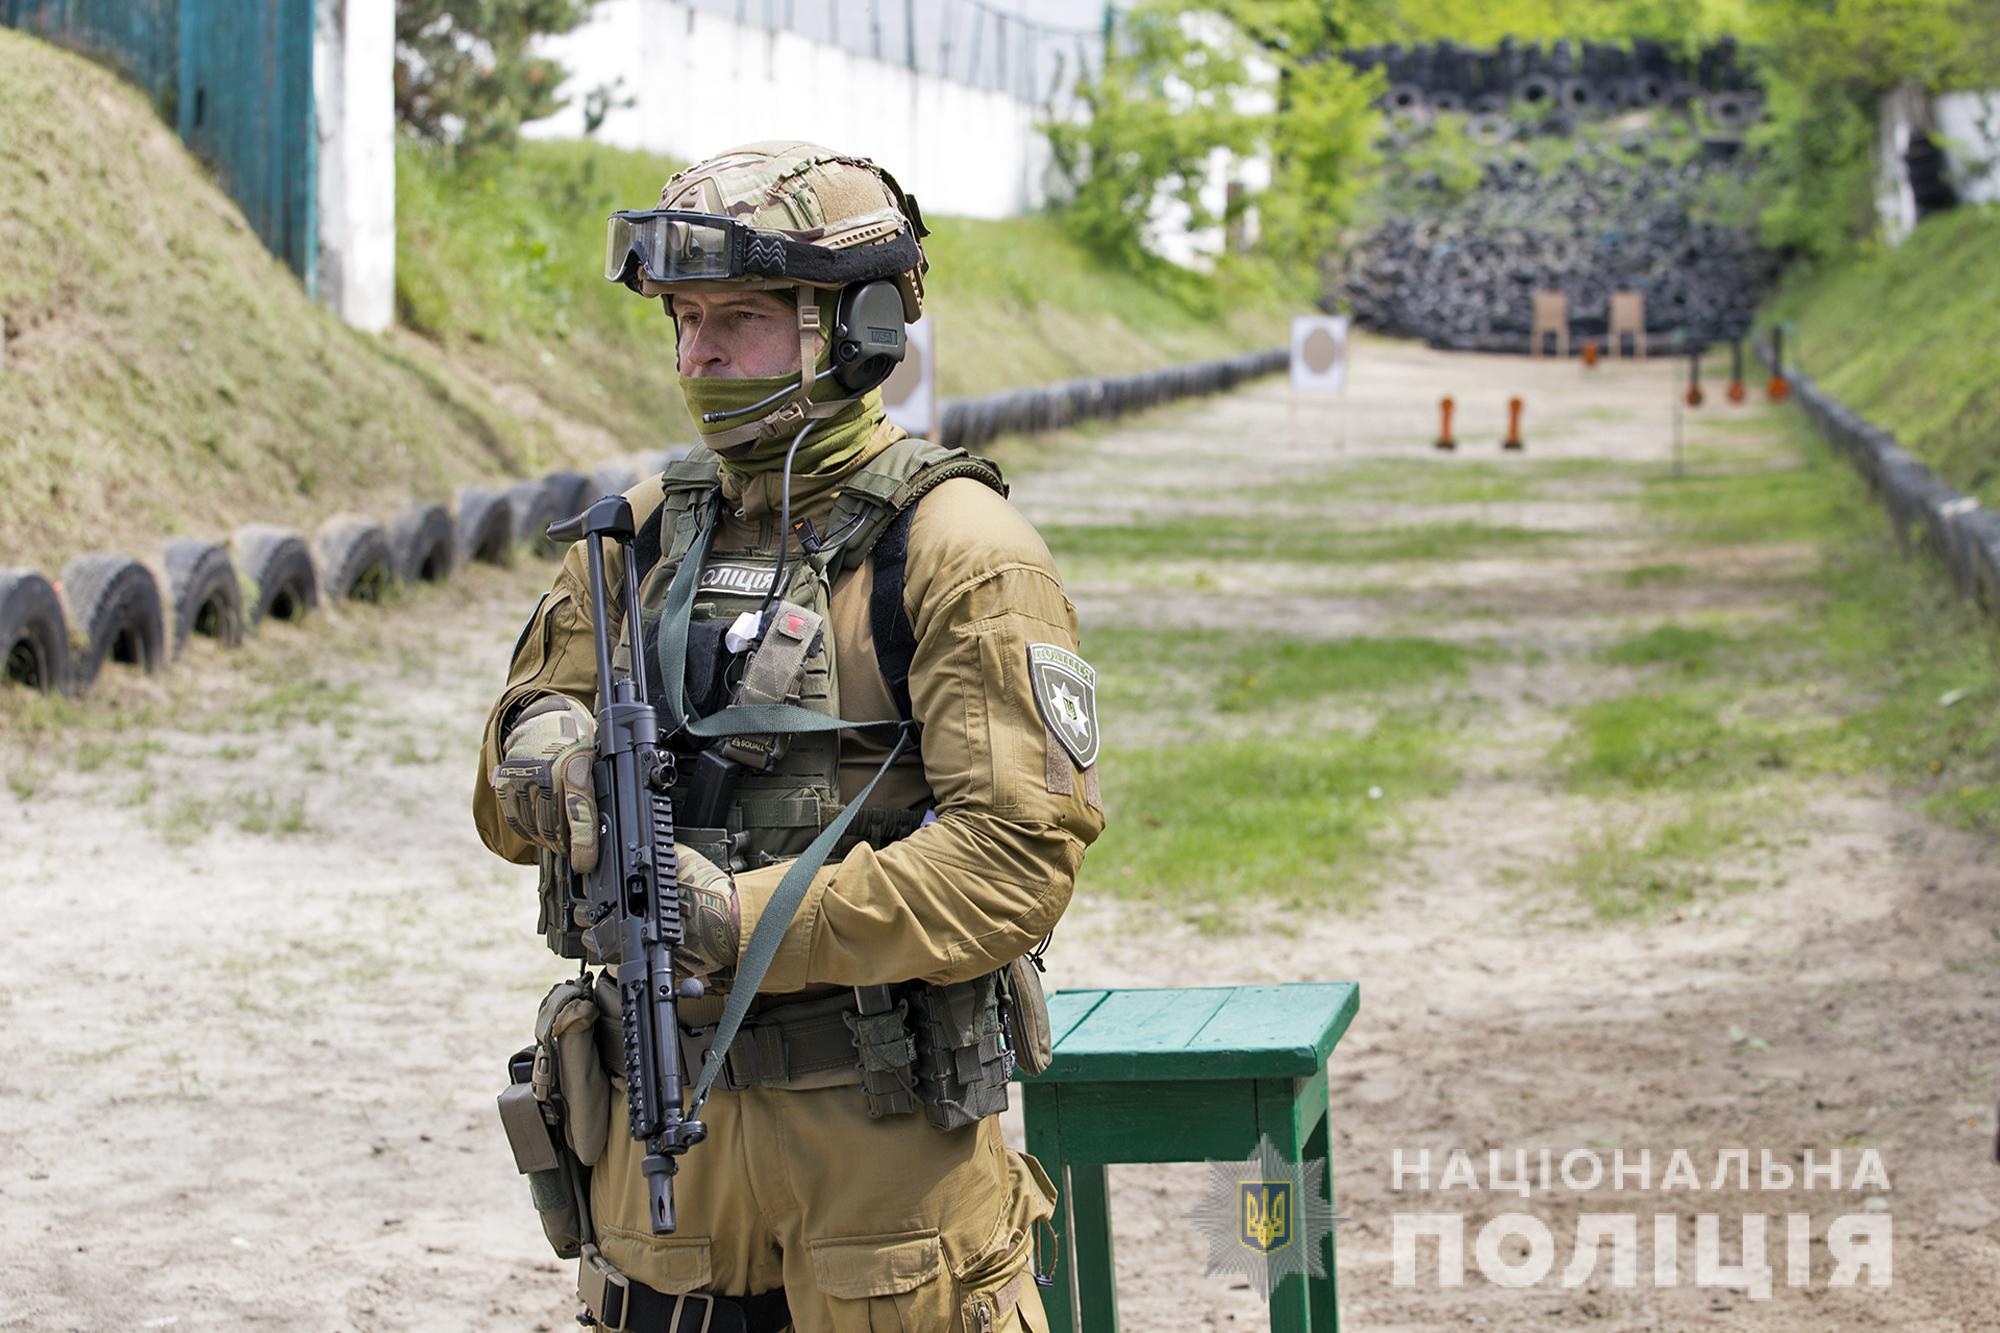 Украинская полиция отказывается от автомата Калашникова и переходит на пистолет-пулеметы (видео)